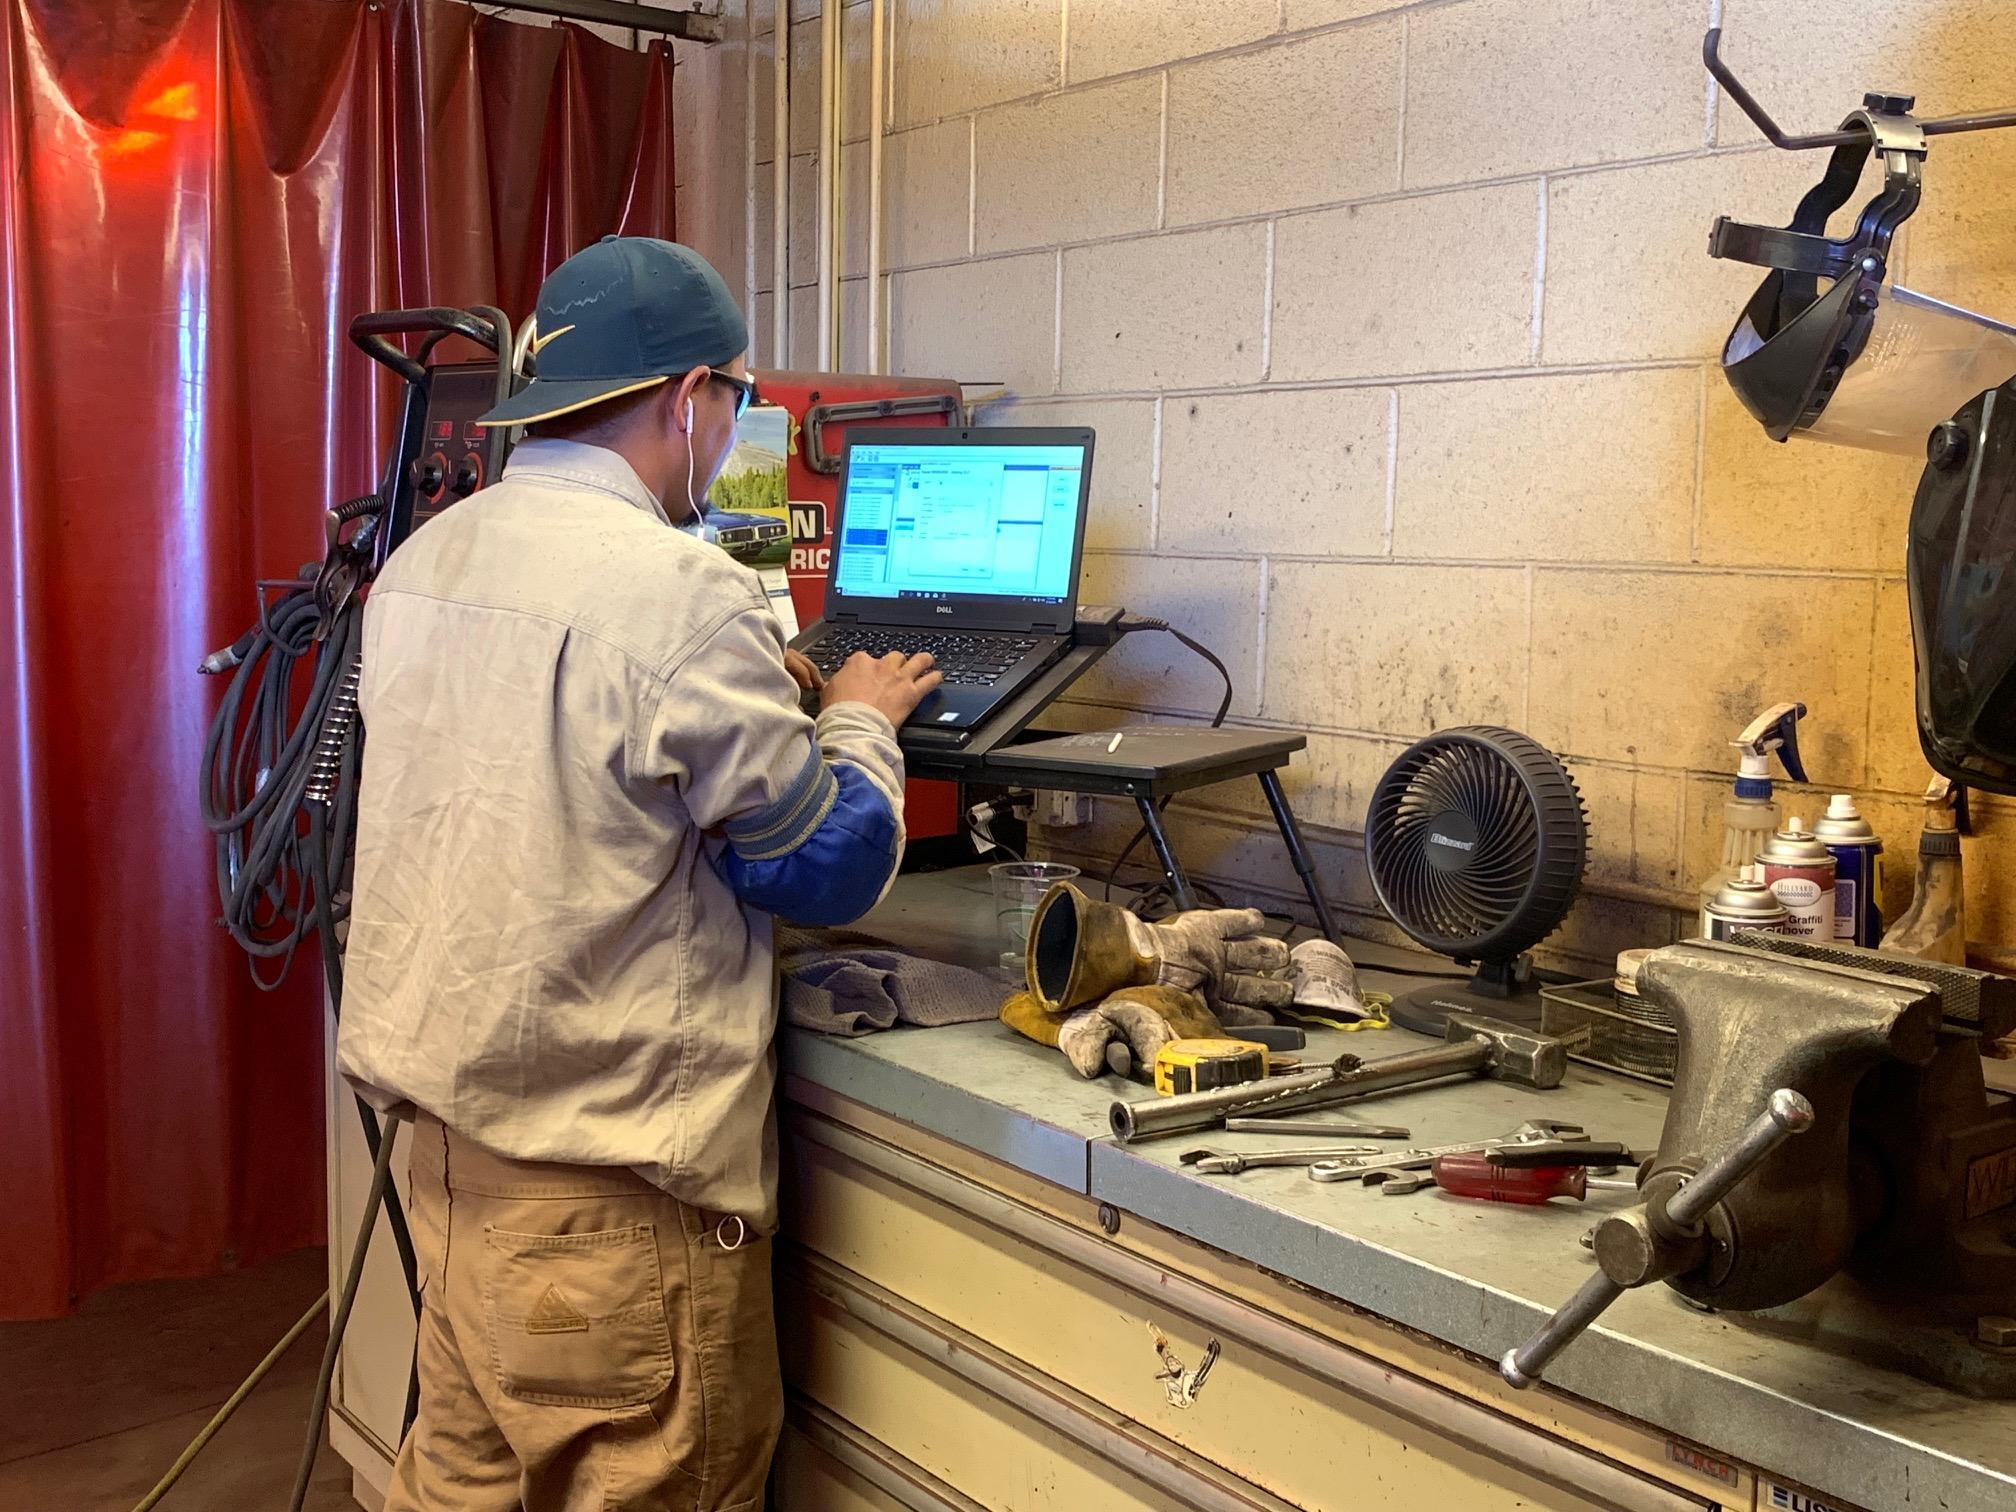 Western employee working on computer